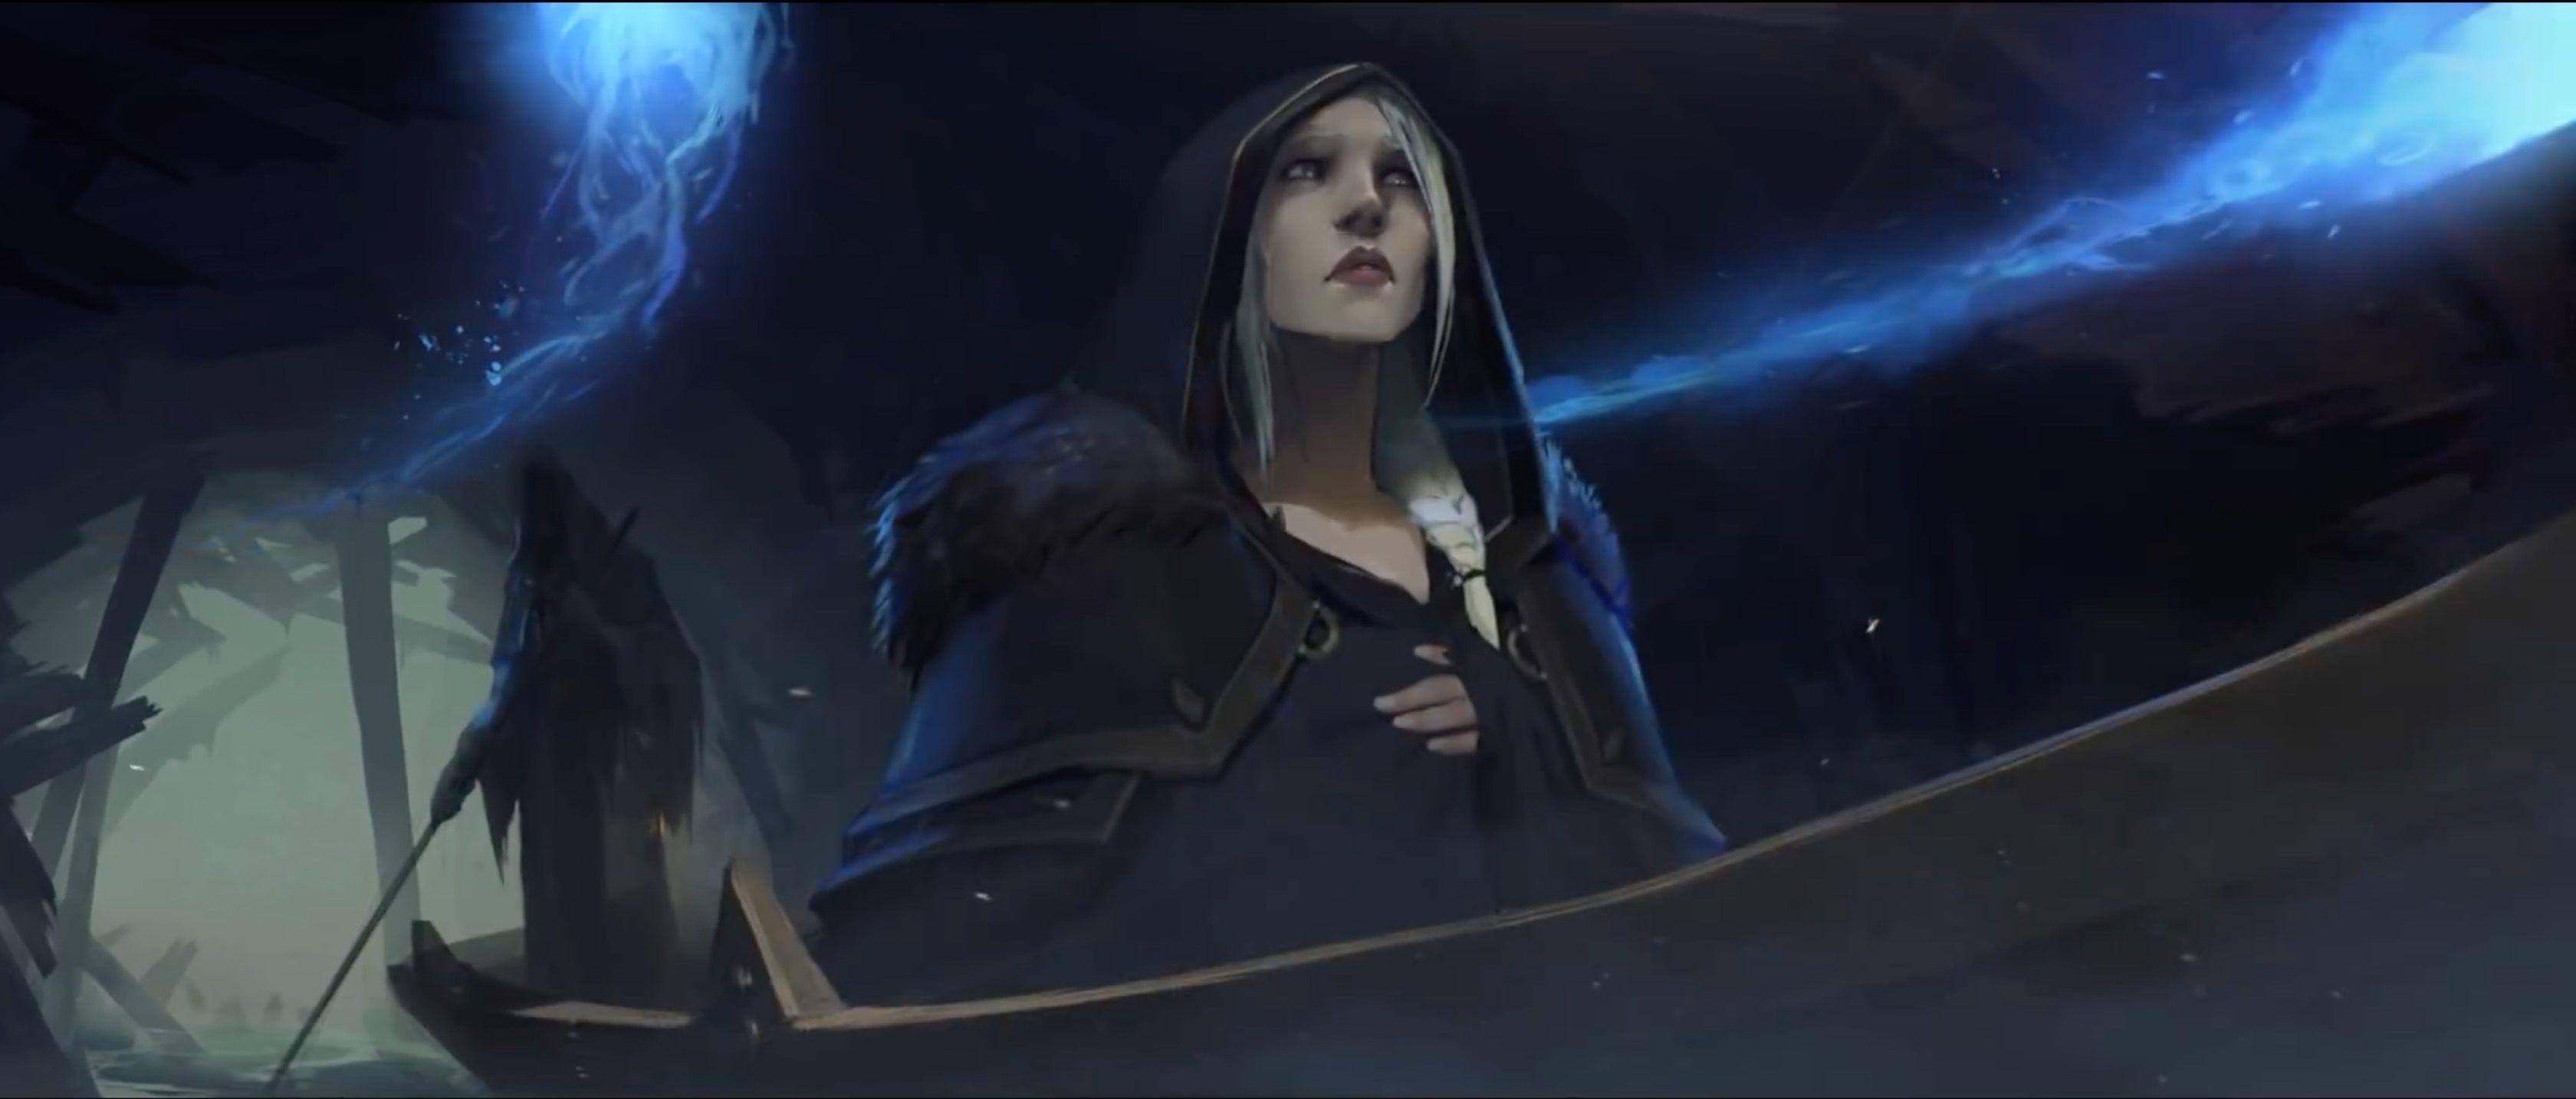 World Of Warcraft Animated Short Warbringers Jaina With Images